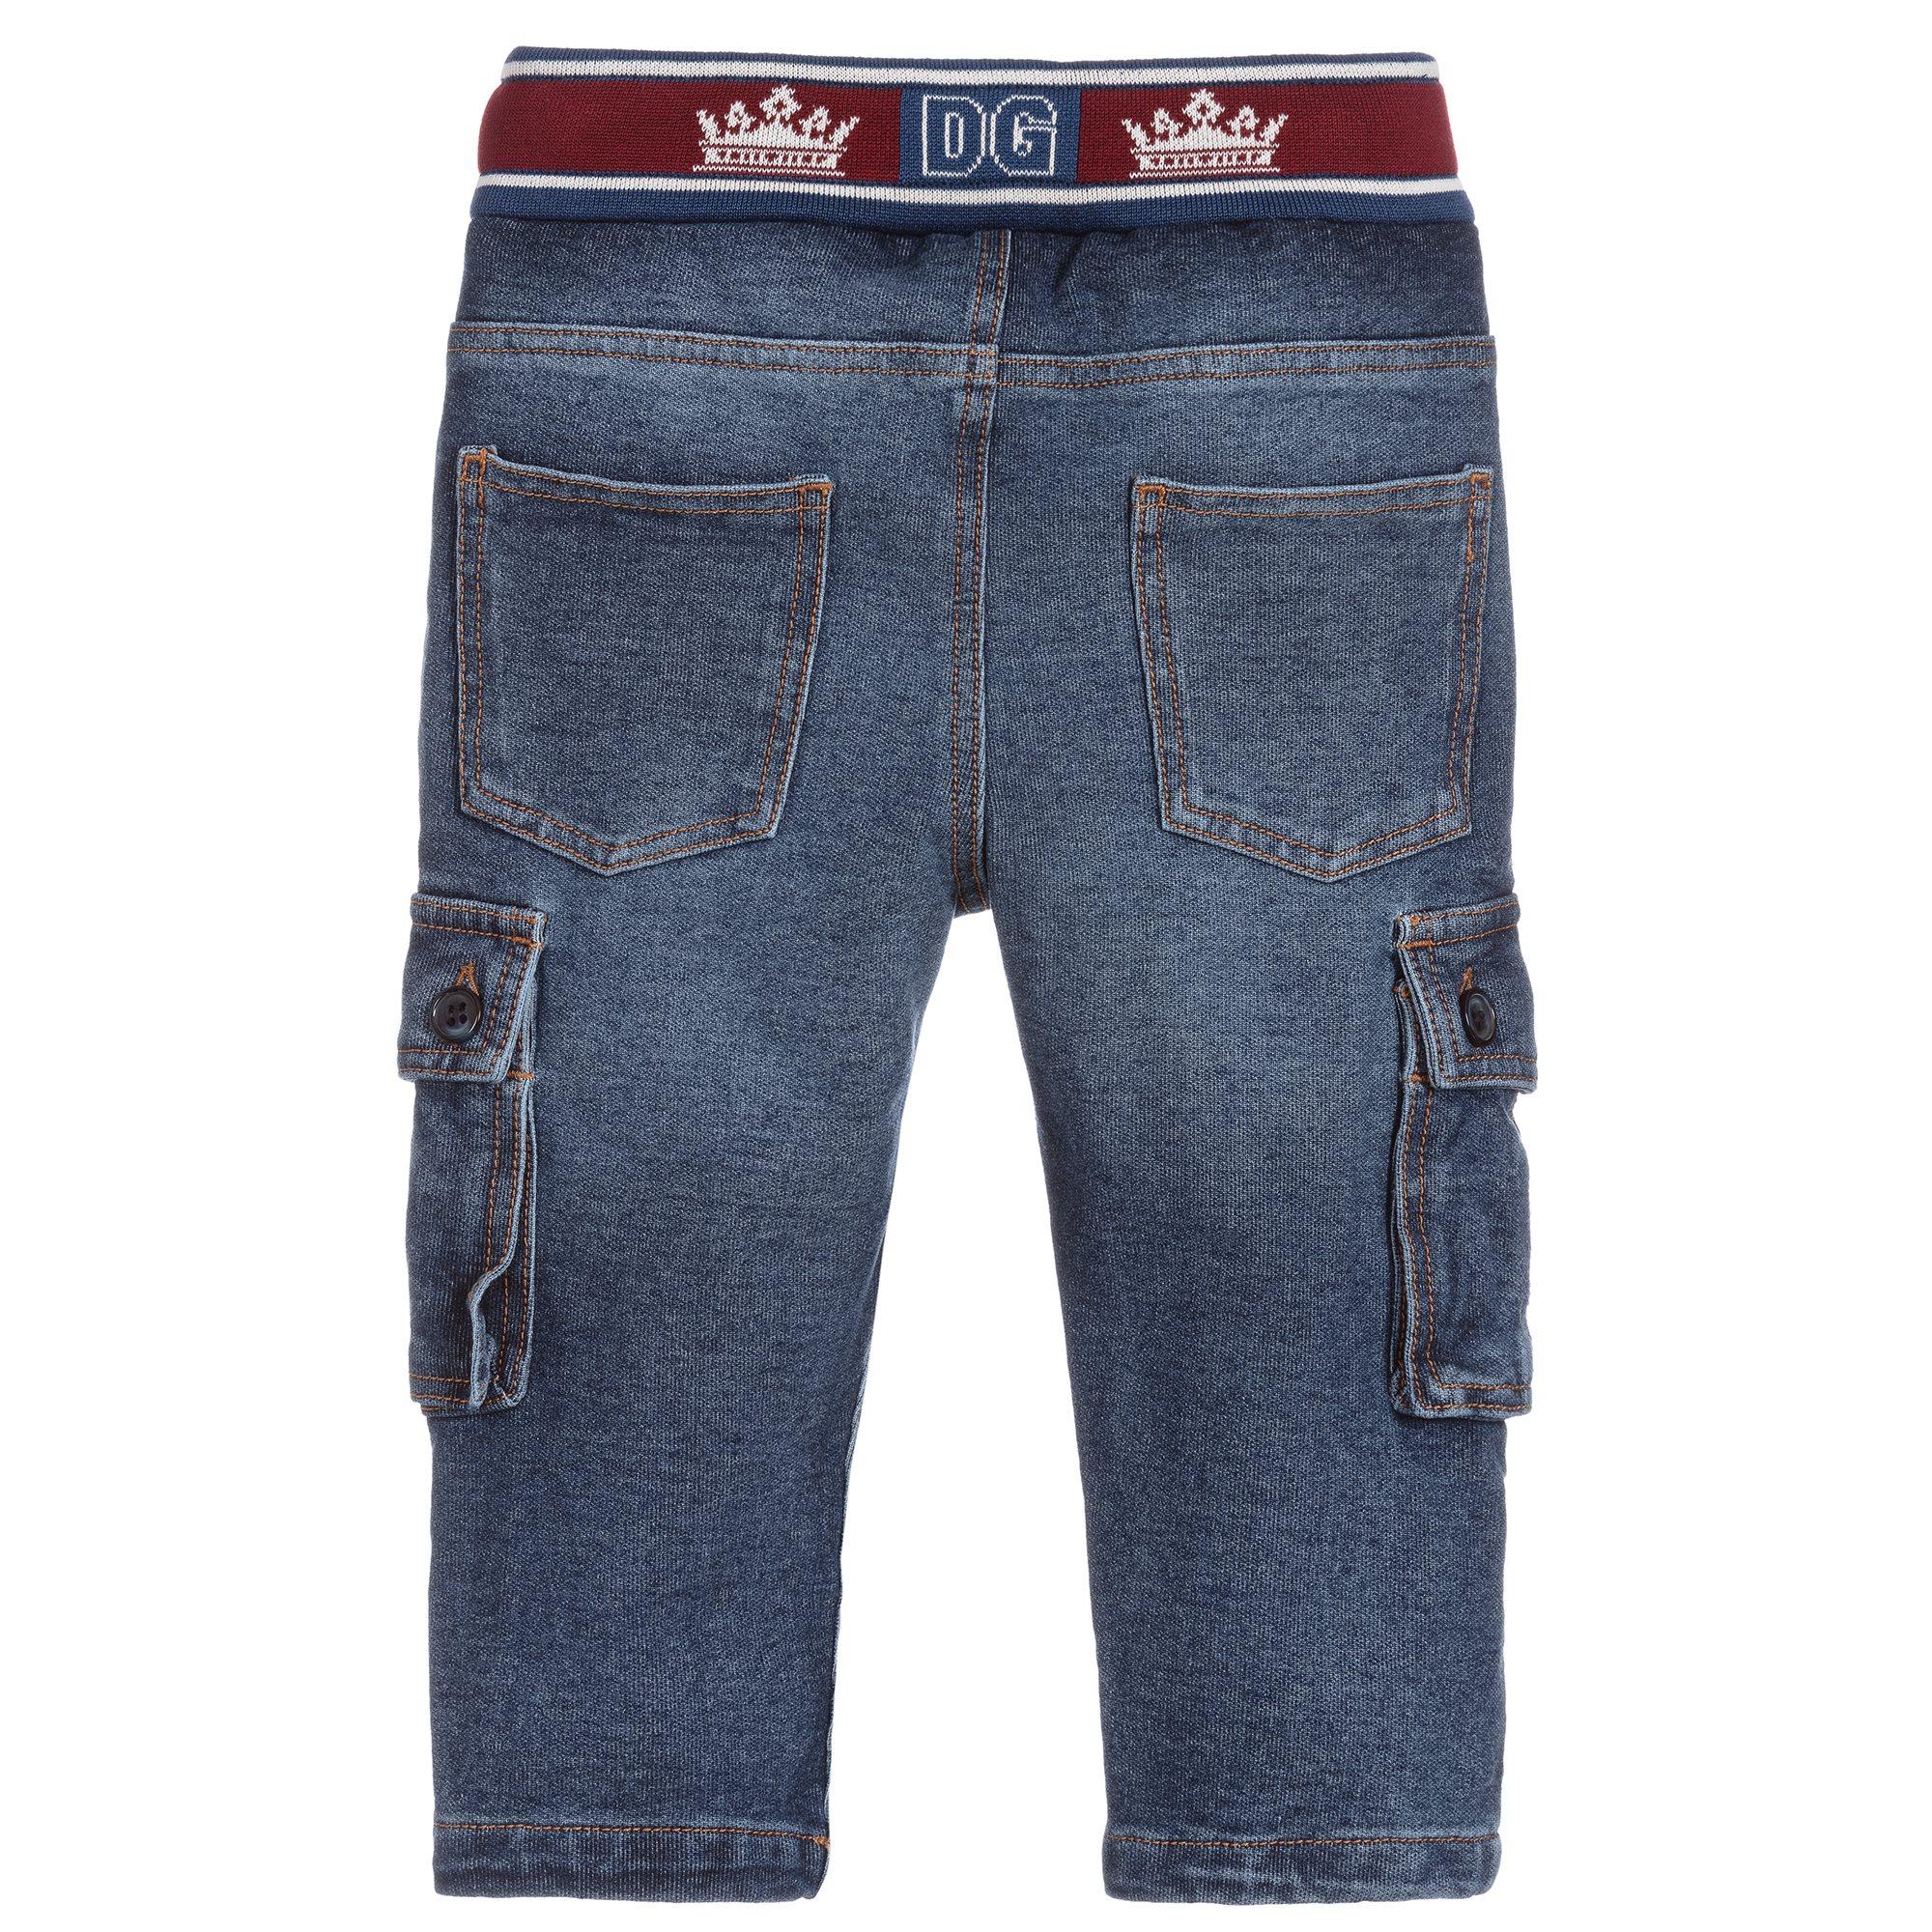 D&G broek jeans zijzakken